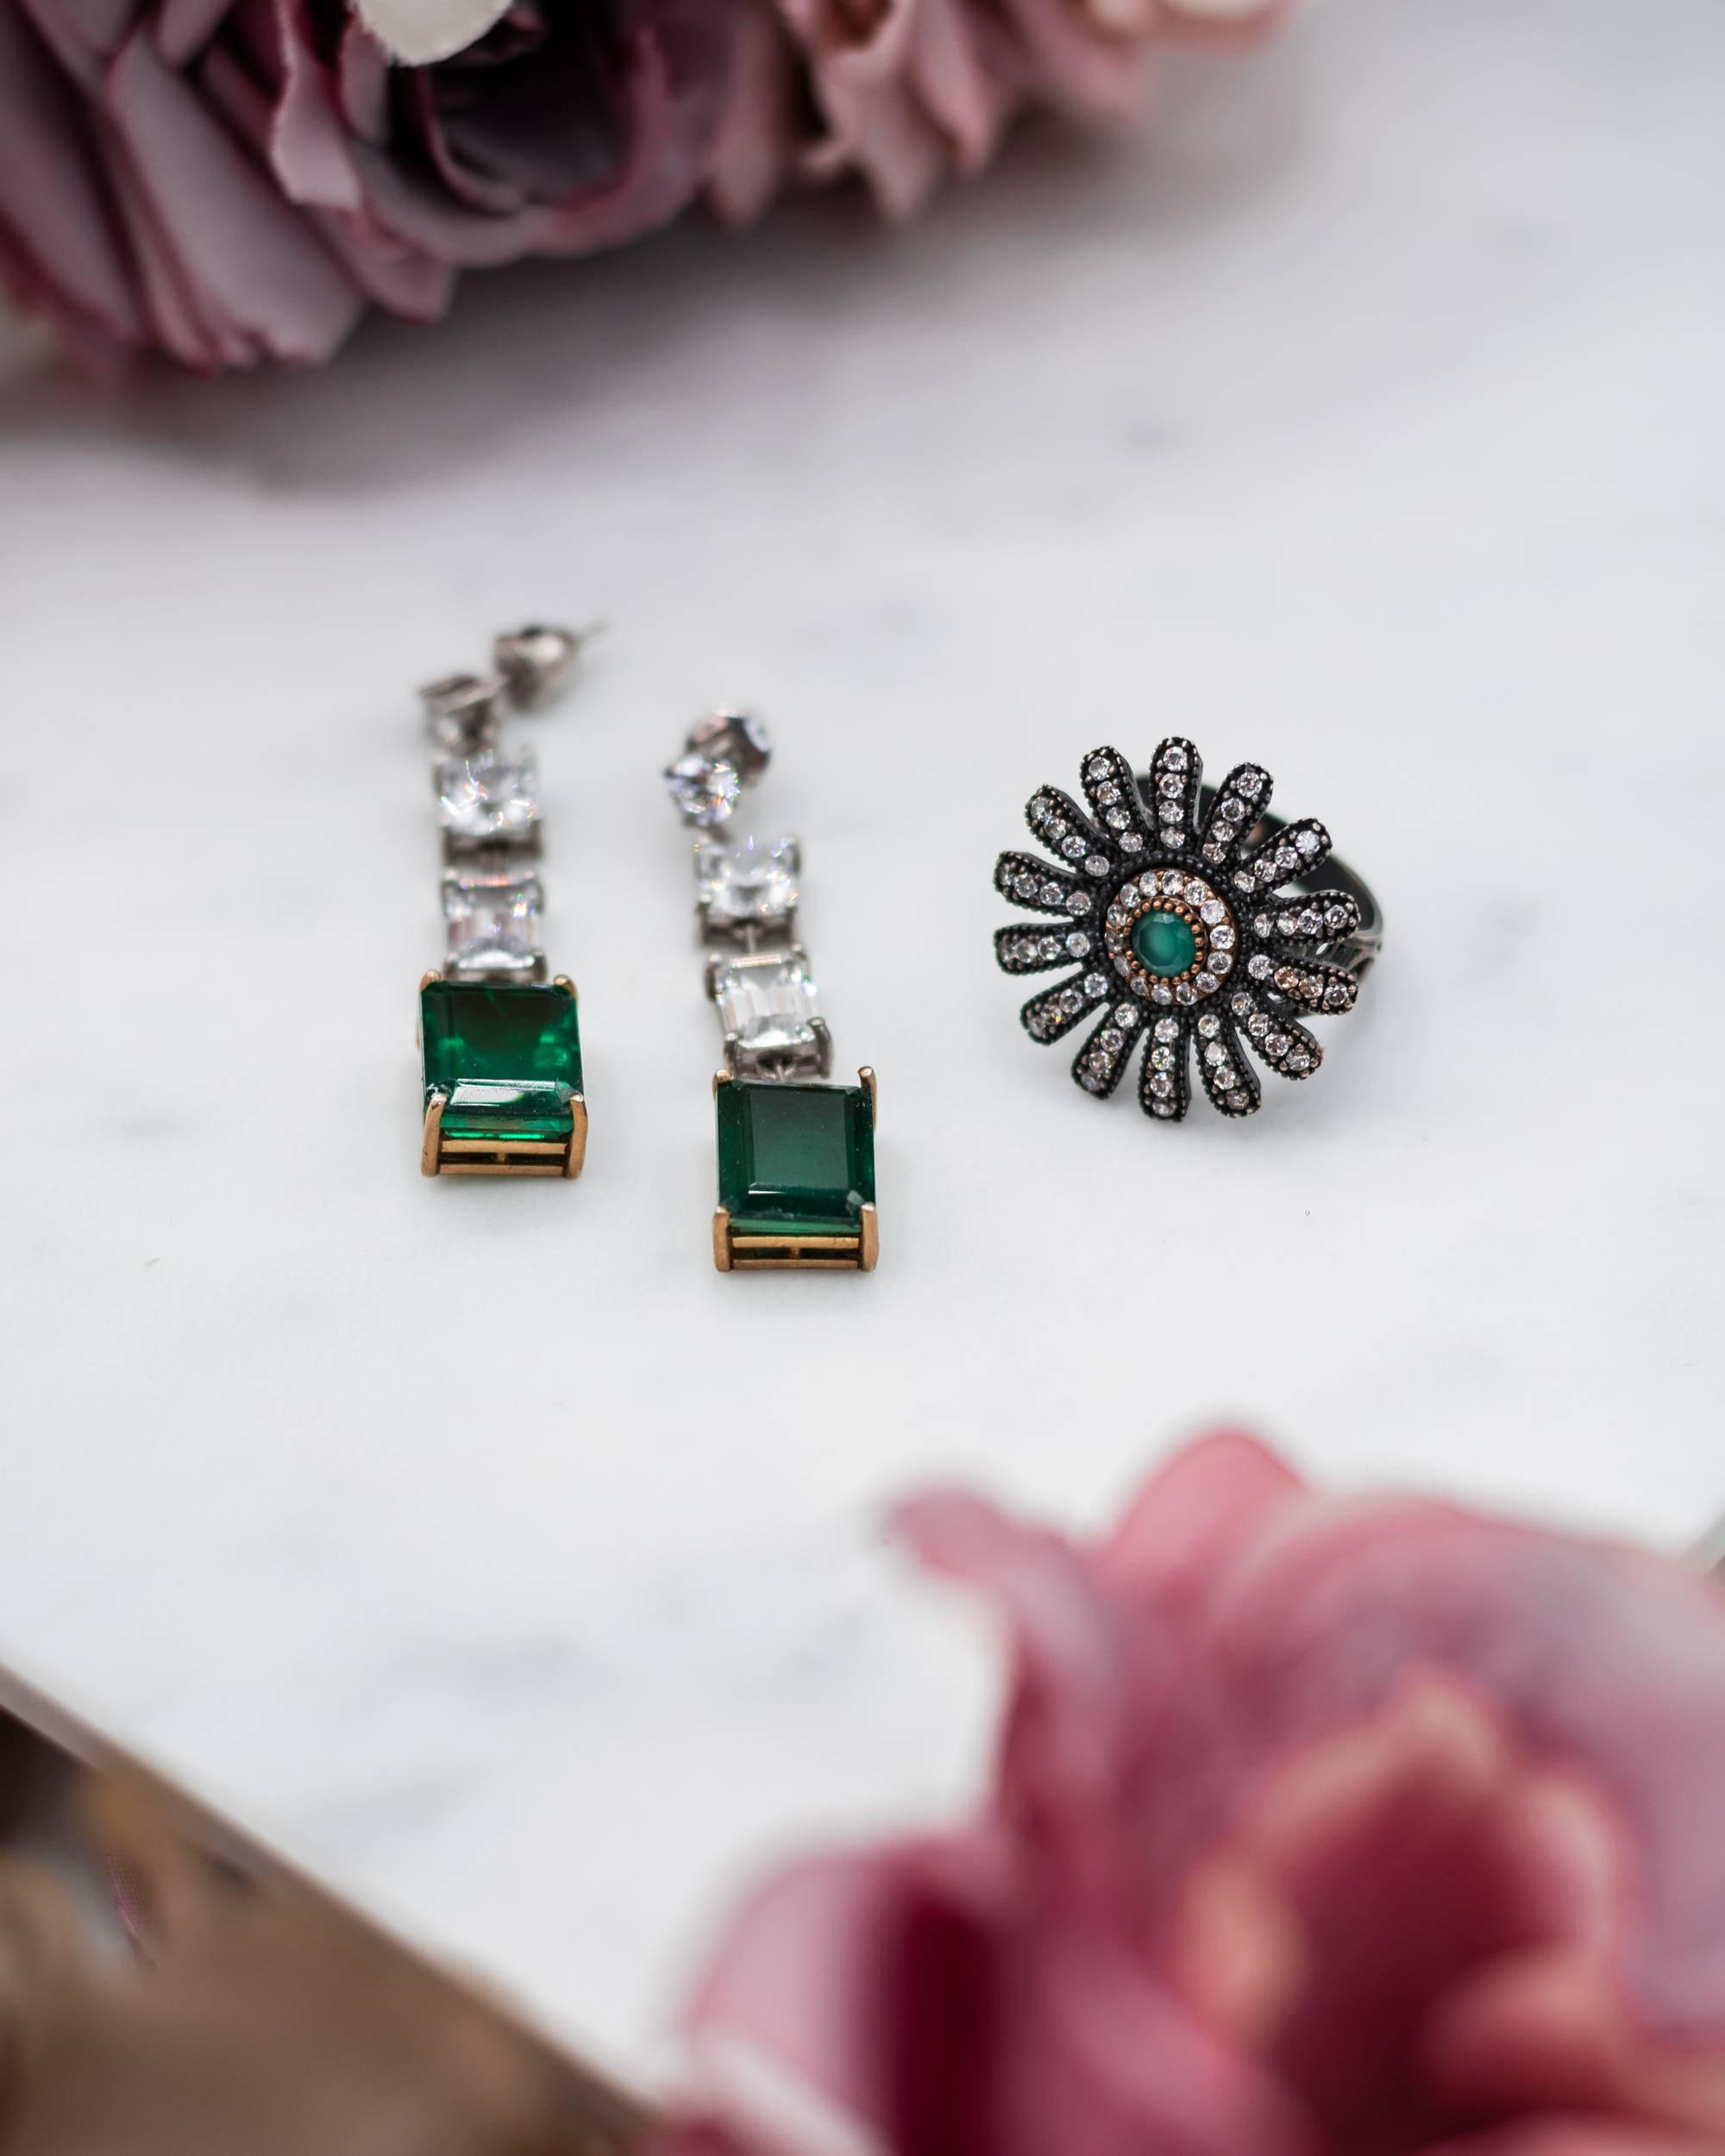 Double-J-Accessories-la-marque-de-bijoux-libanaise-engagee-1-1